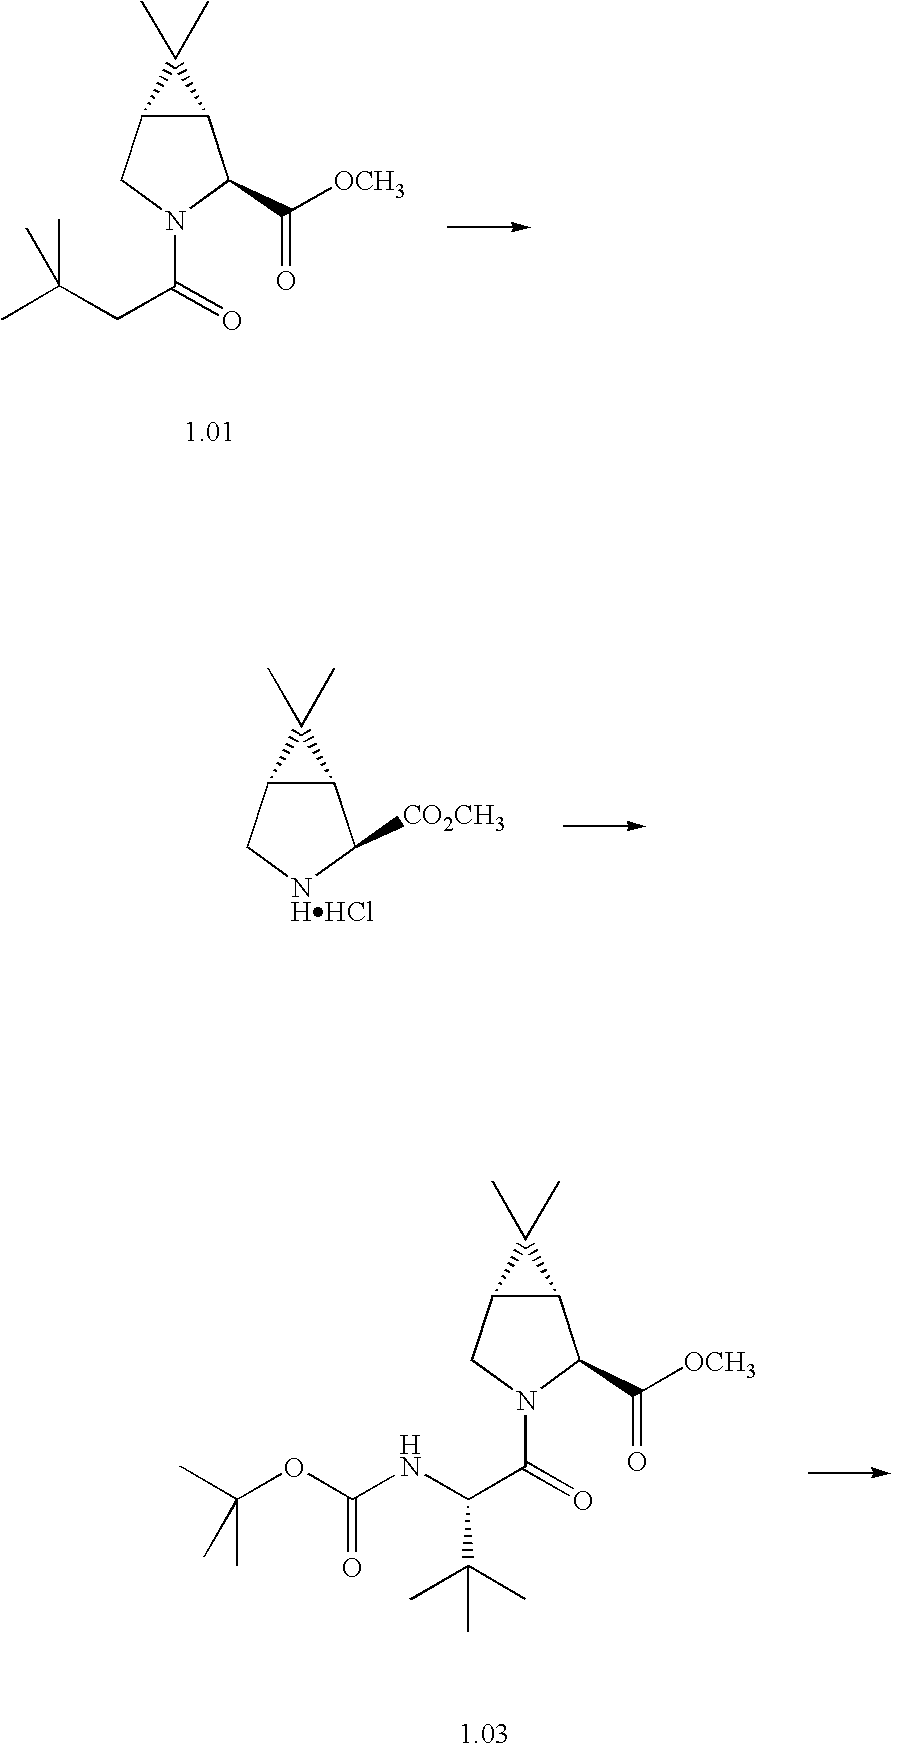 Figure US20060287248A1-20061221-C00593